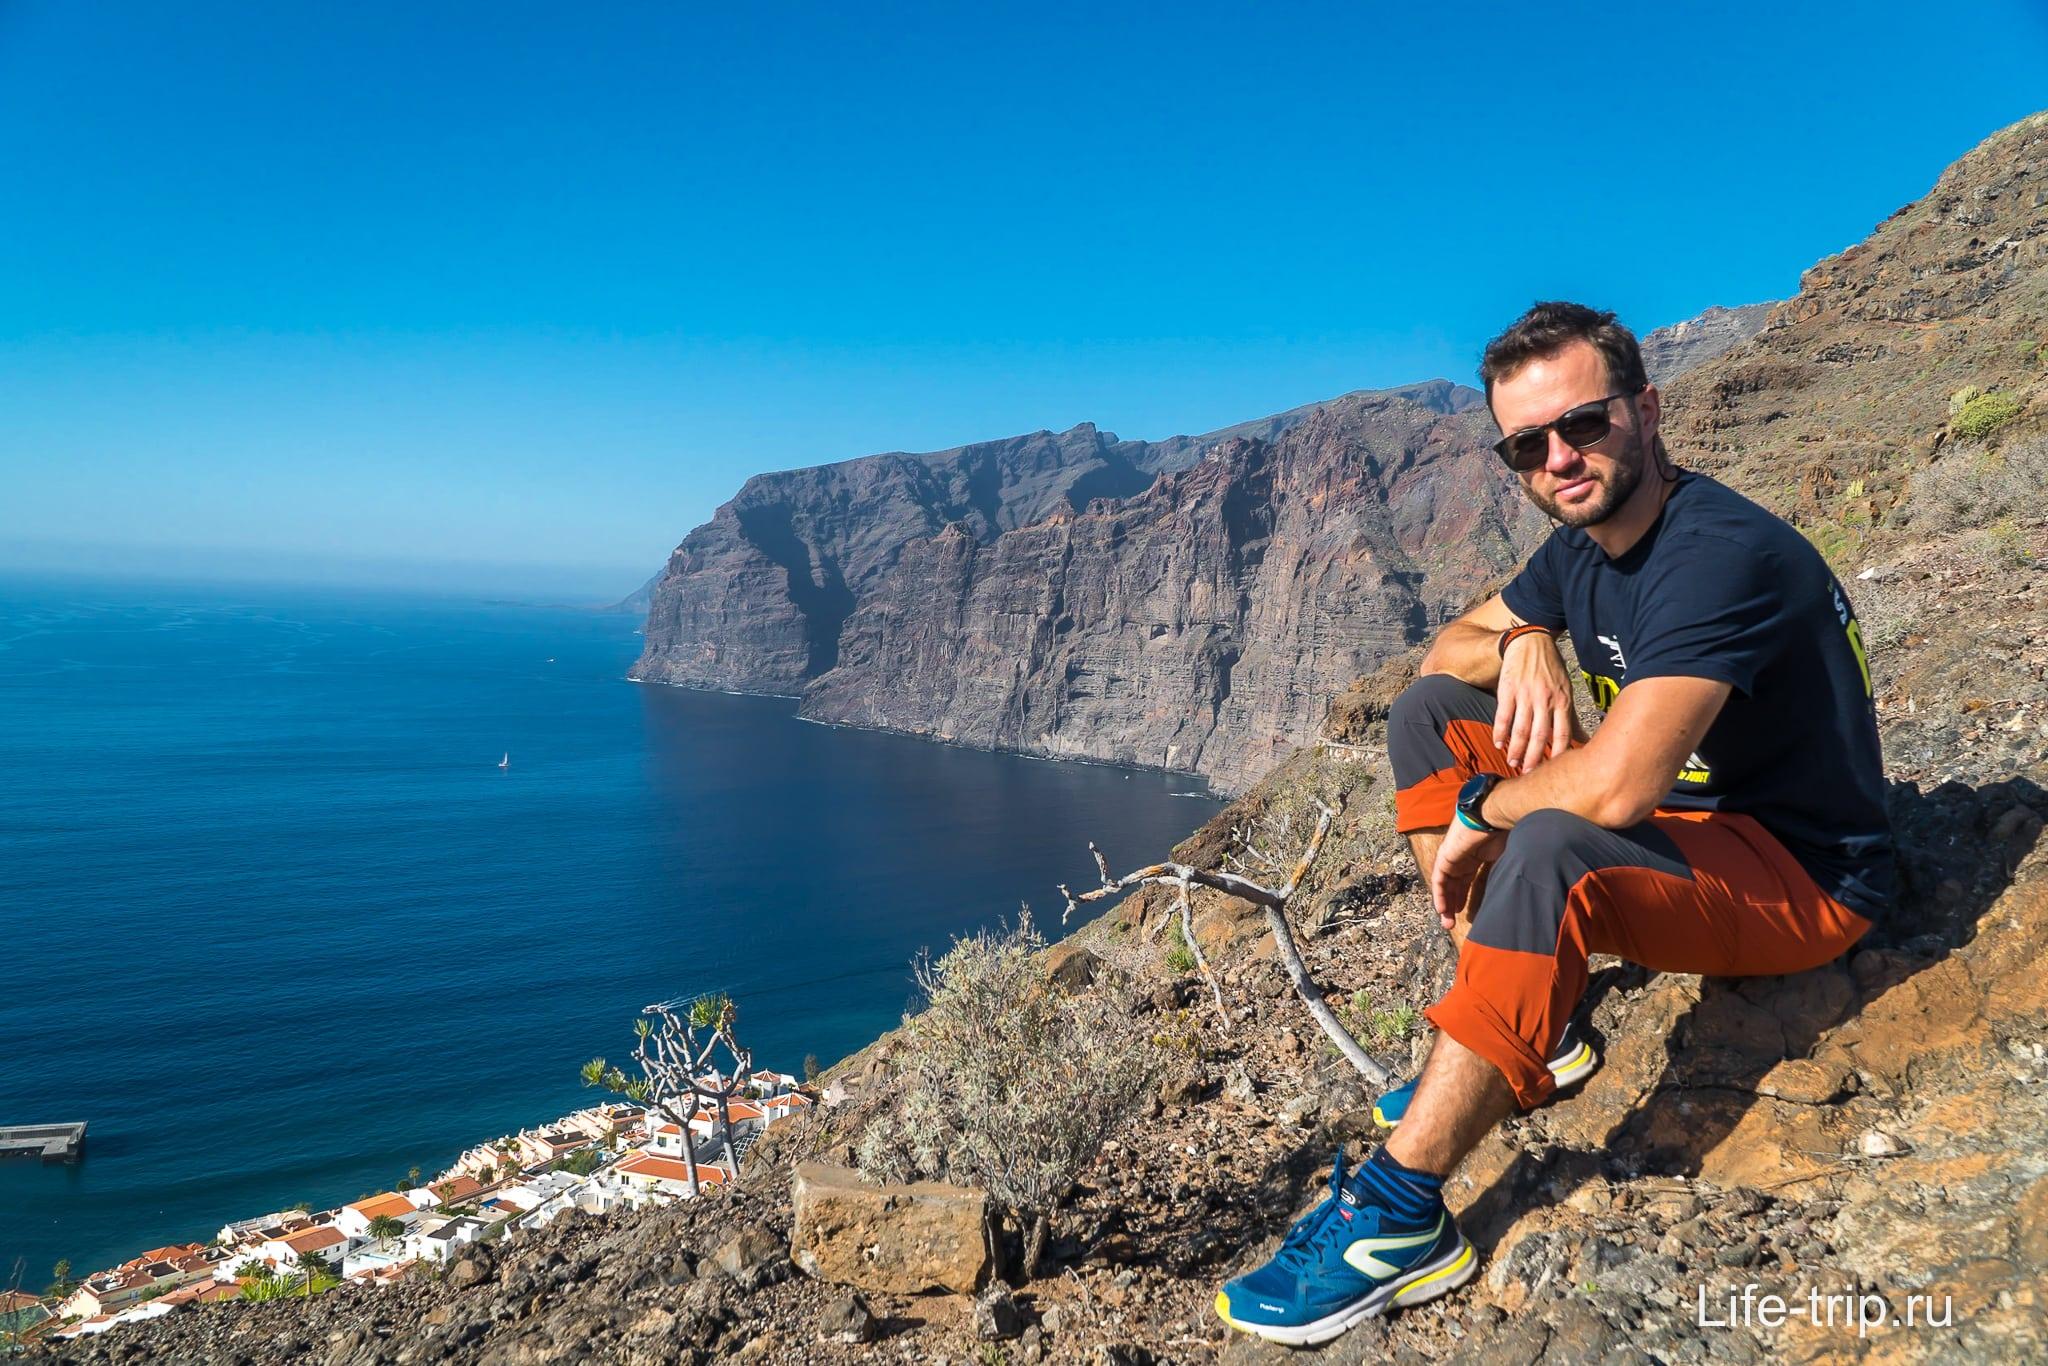 Плюсы и минусы жизни на Тенерифе (Испания) - спустя полгода